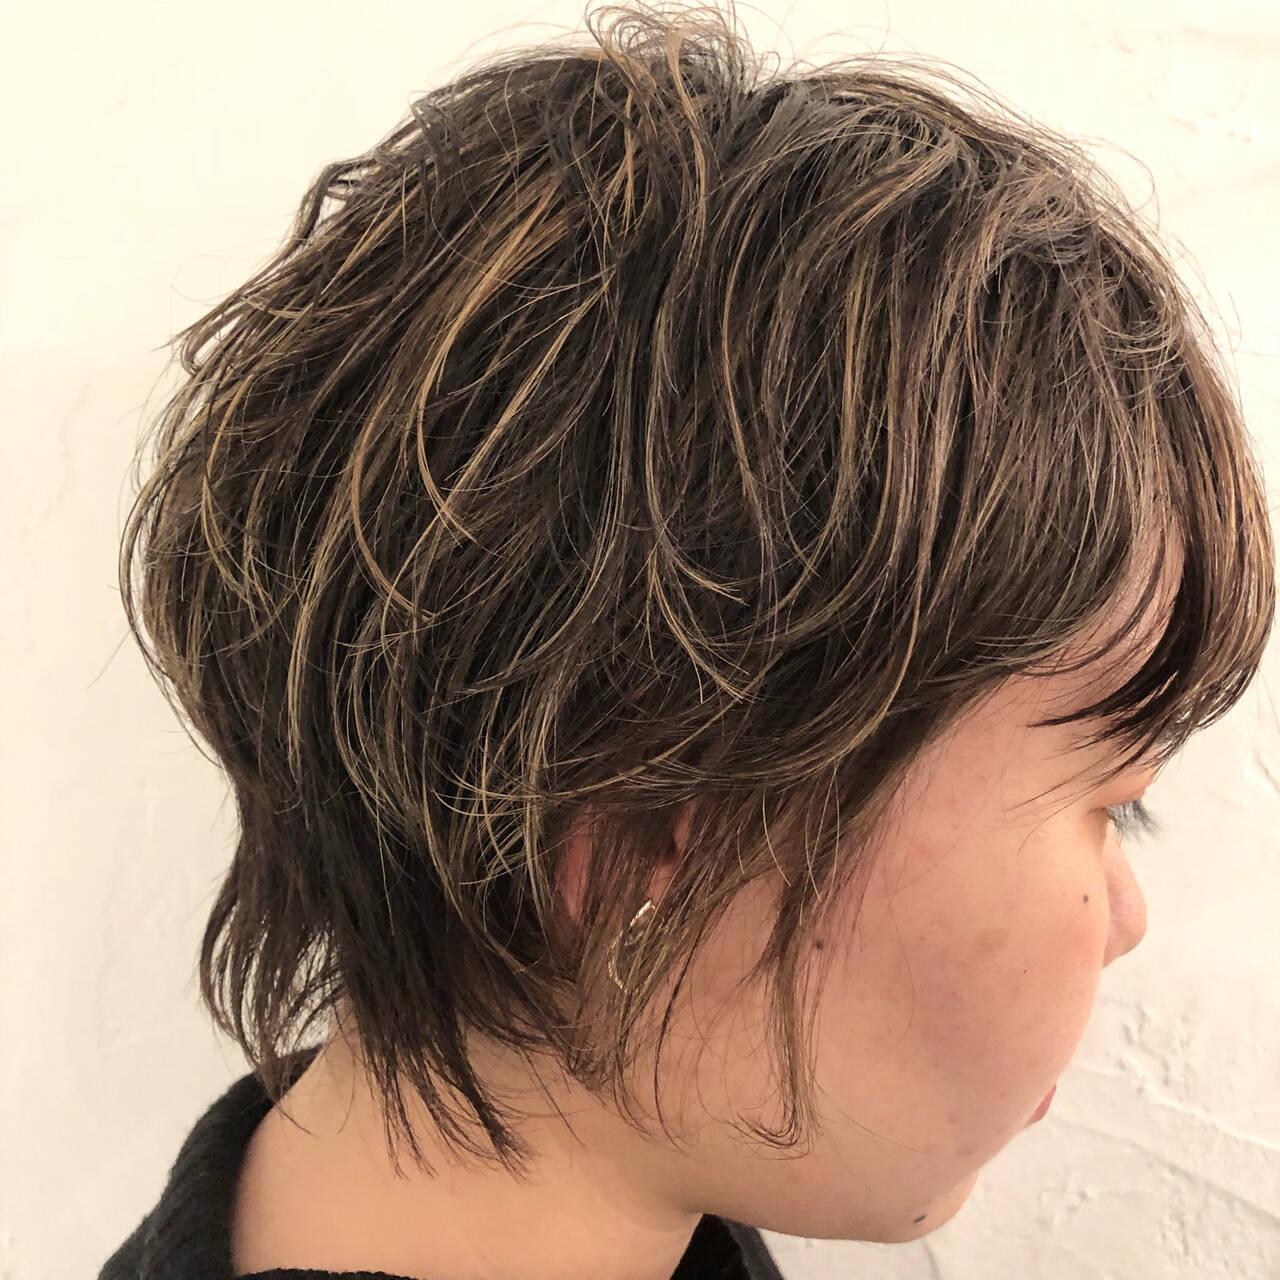 ハイライト ショート 外国人風カラー コントラストハイライトヘアスタイルや髪型の写真・画像